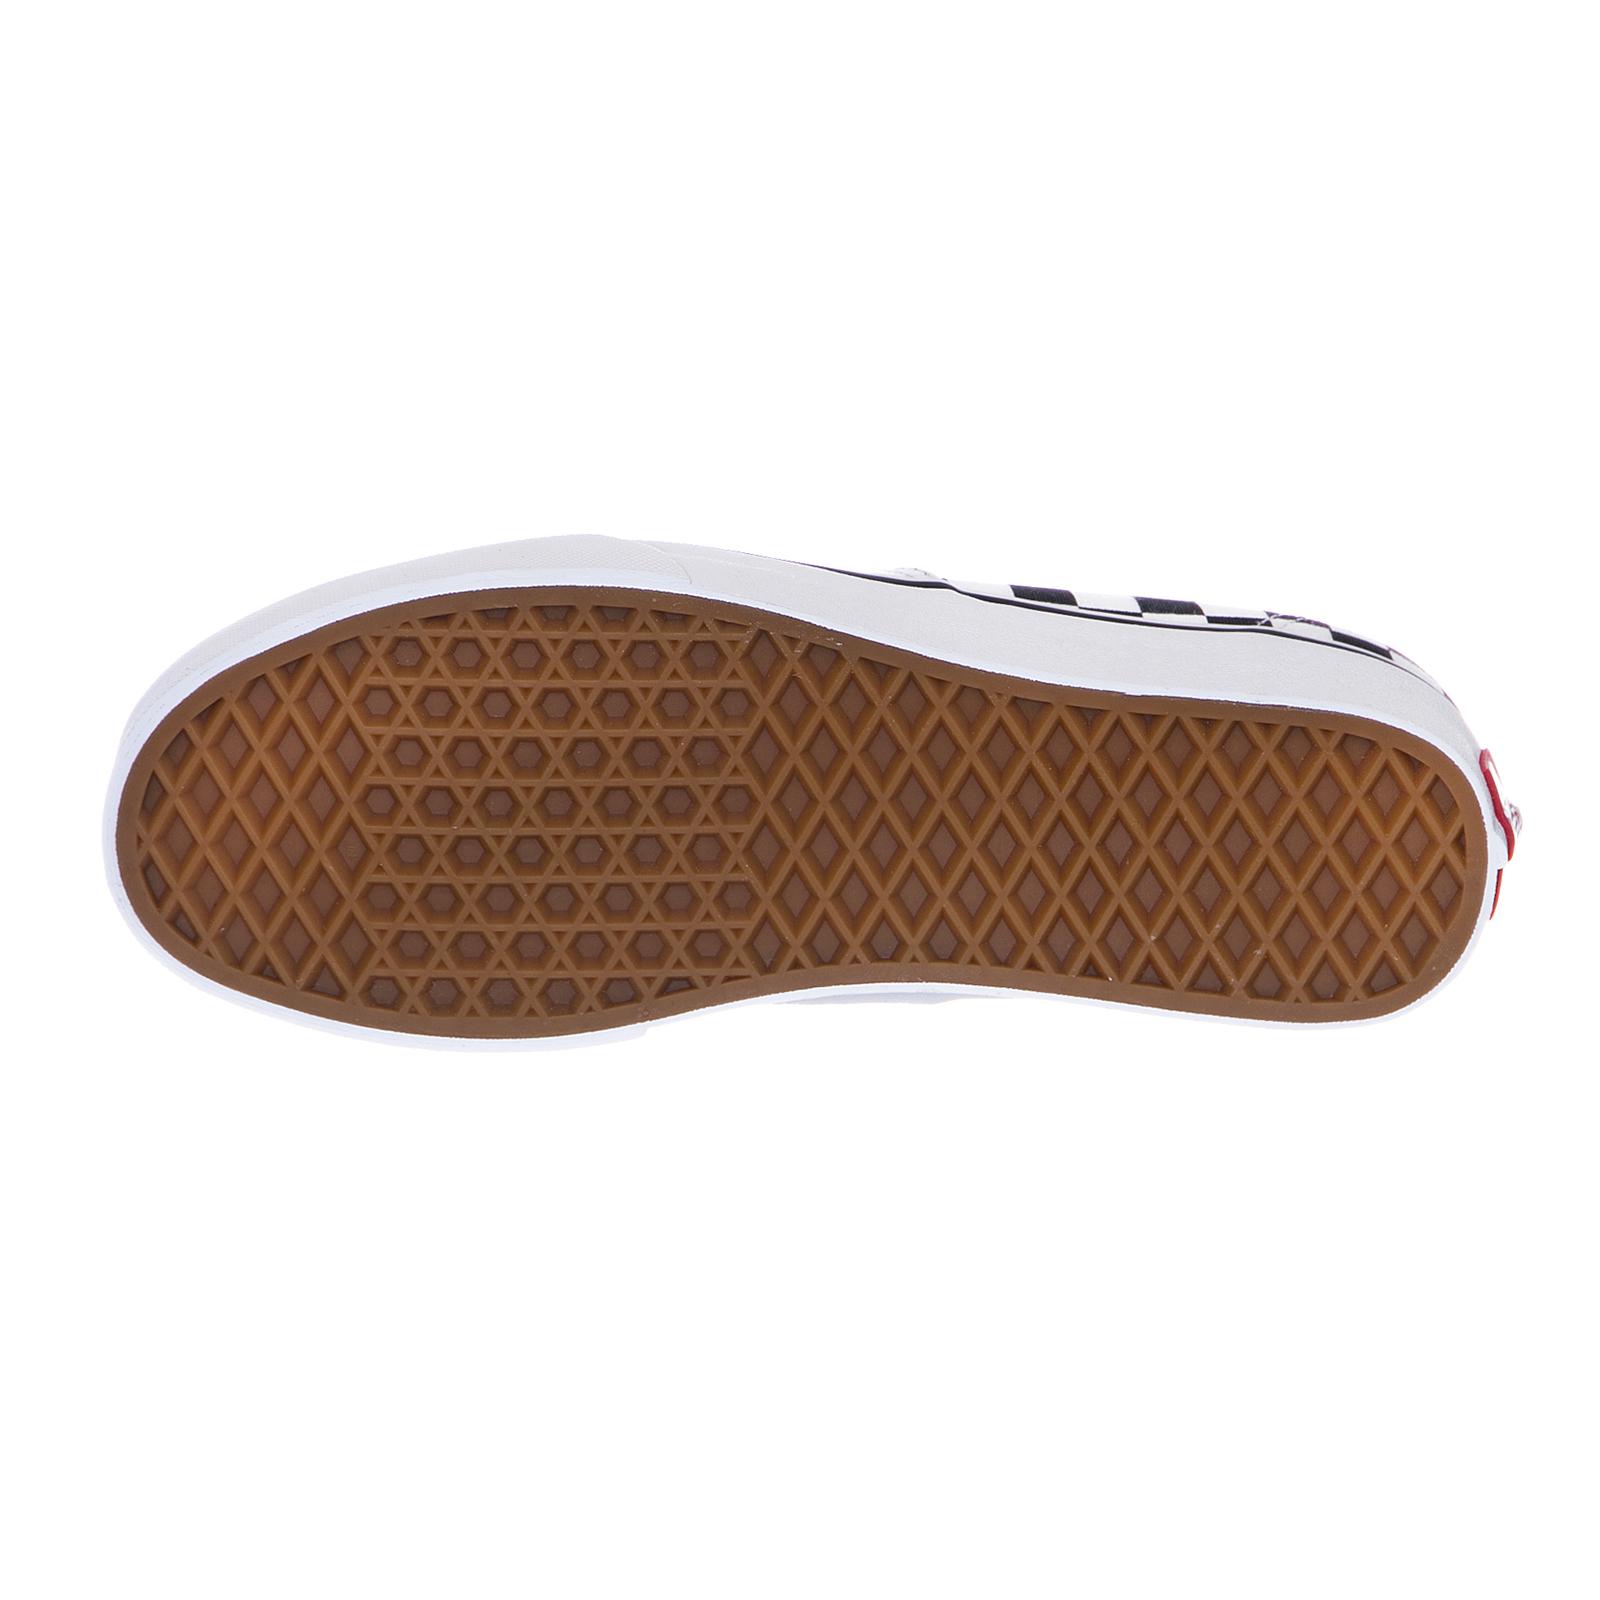 Zapatos promocionales para hombres y mujeres Vans Zapatillas Ua Auténtico (Mezclar Checker Multicolor